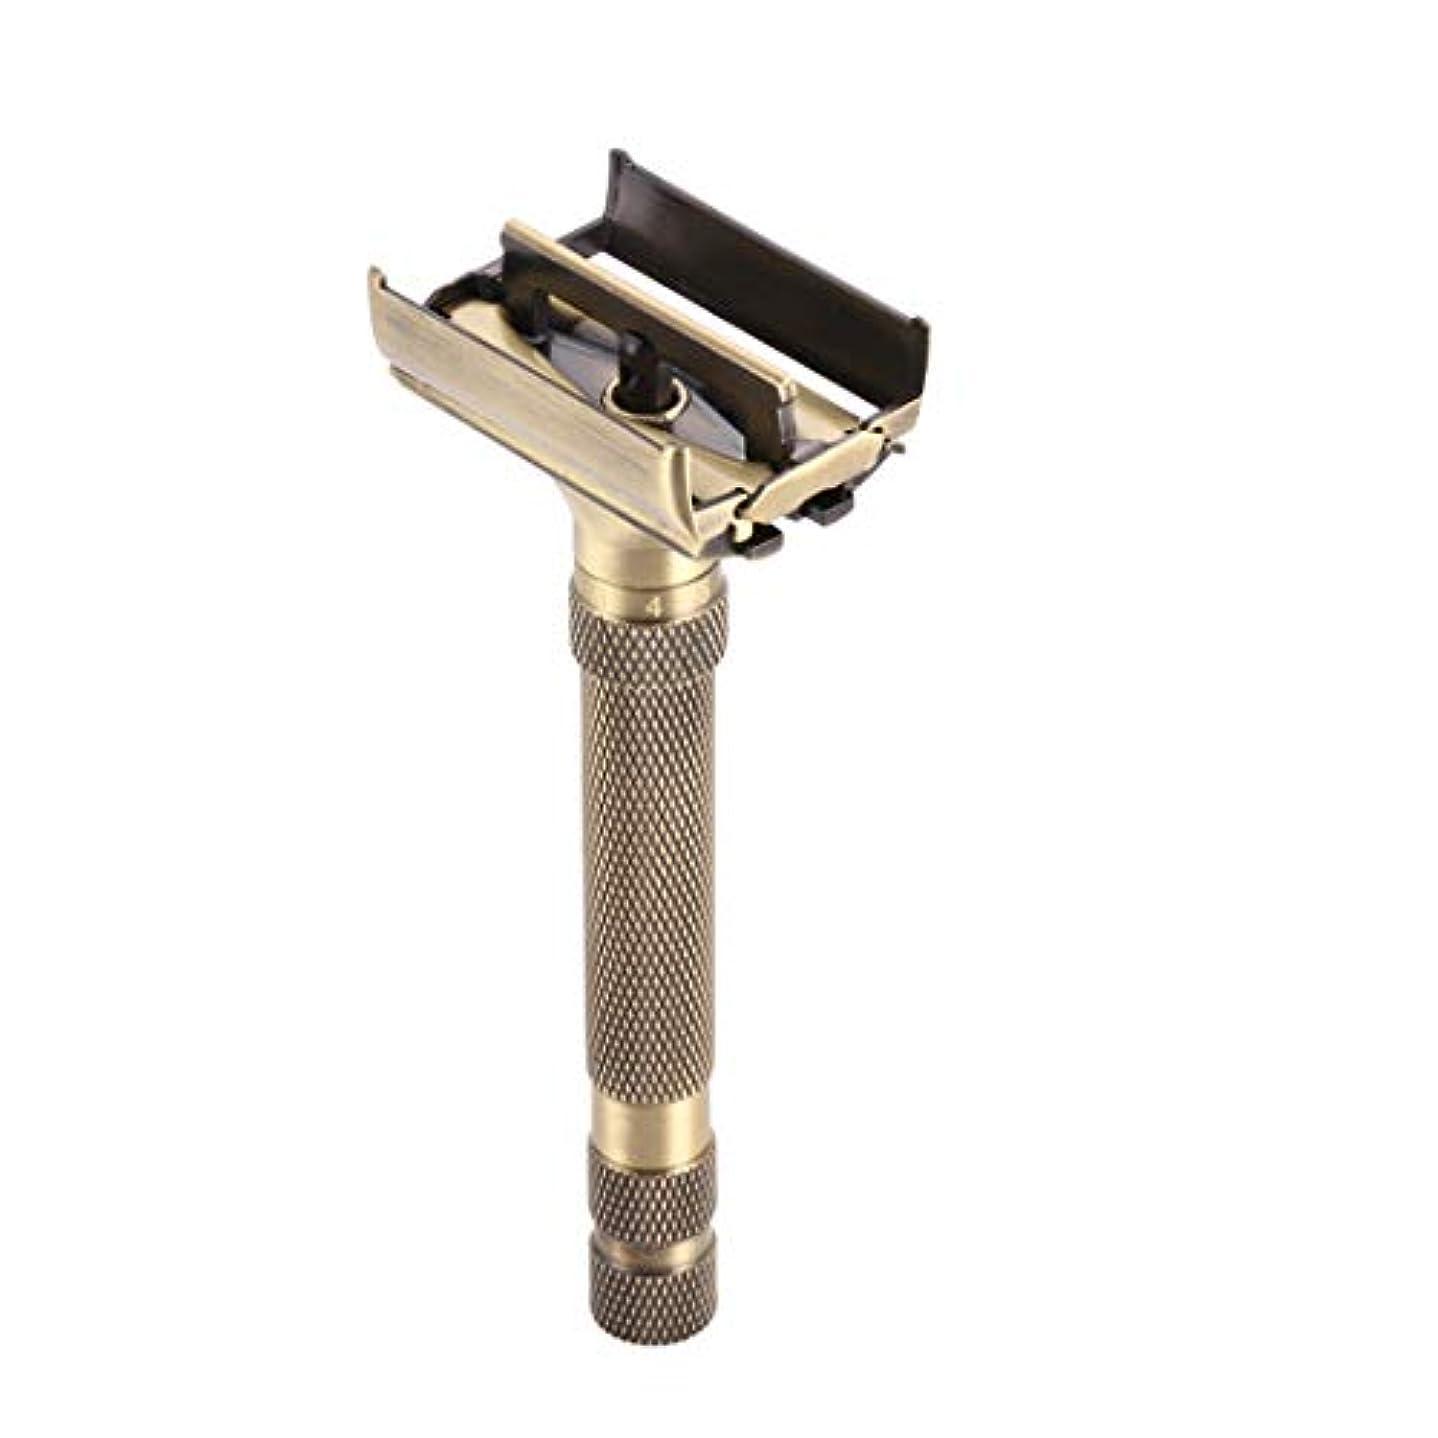 肥料アラブサラボ分析するクラシックダブルエッジカミソリ真鍮両面手動かみそり ブレード露出調整可能 ダブルエッジ 安全レイザー 替刃5個付